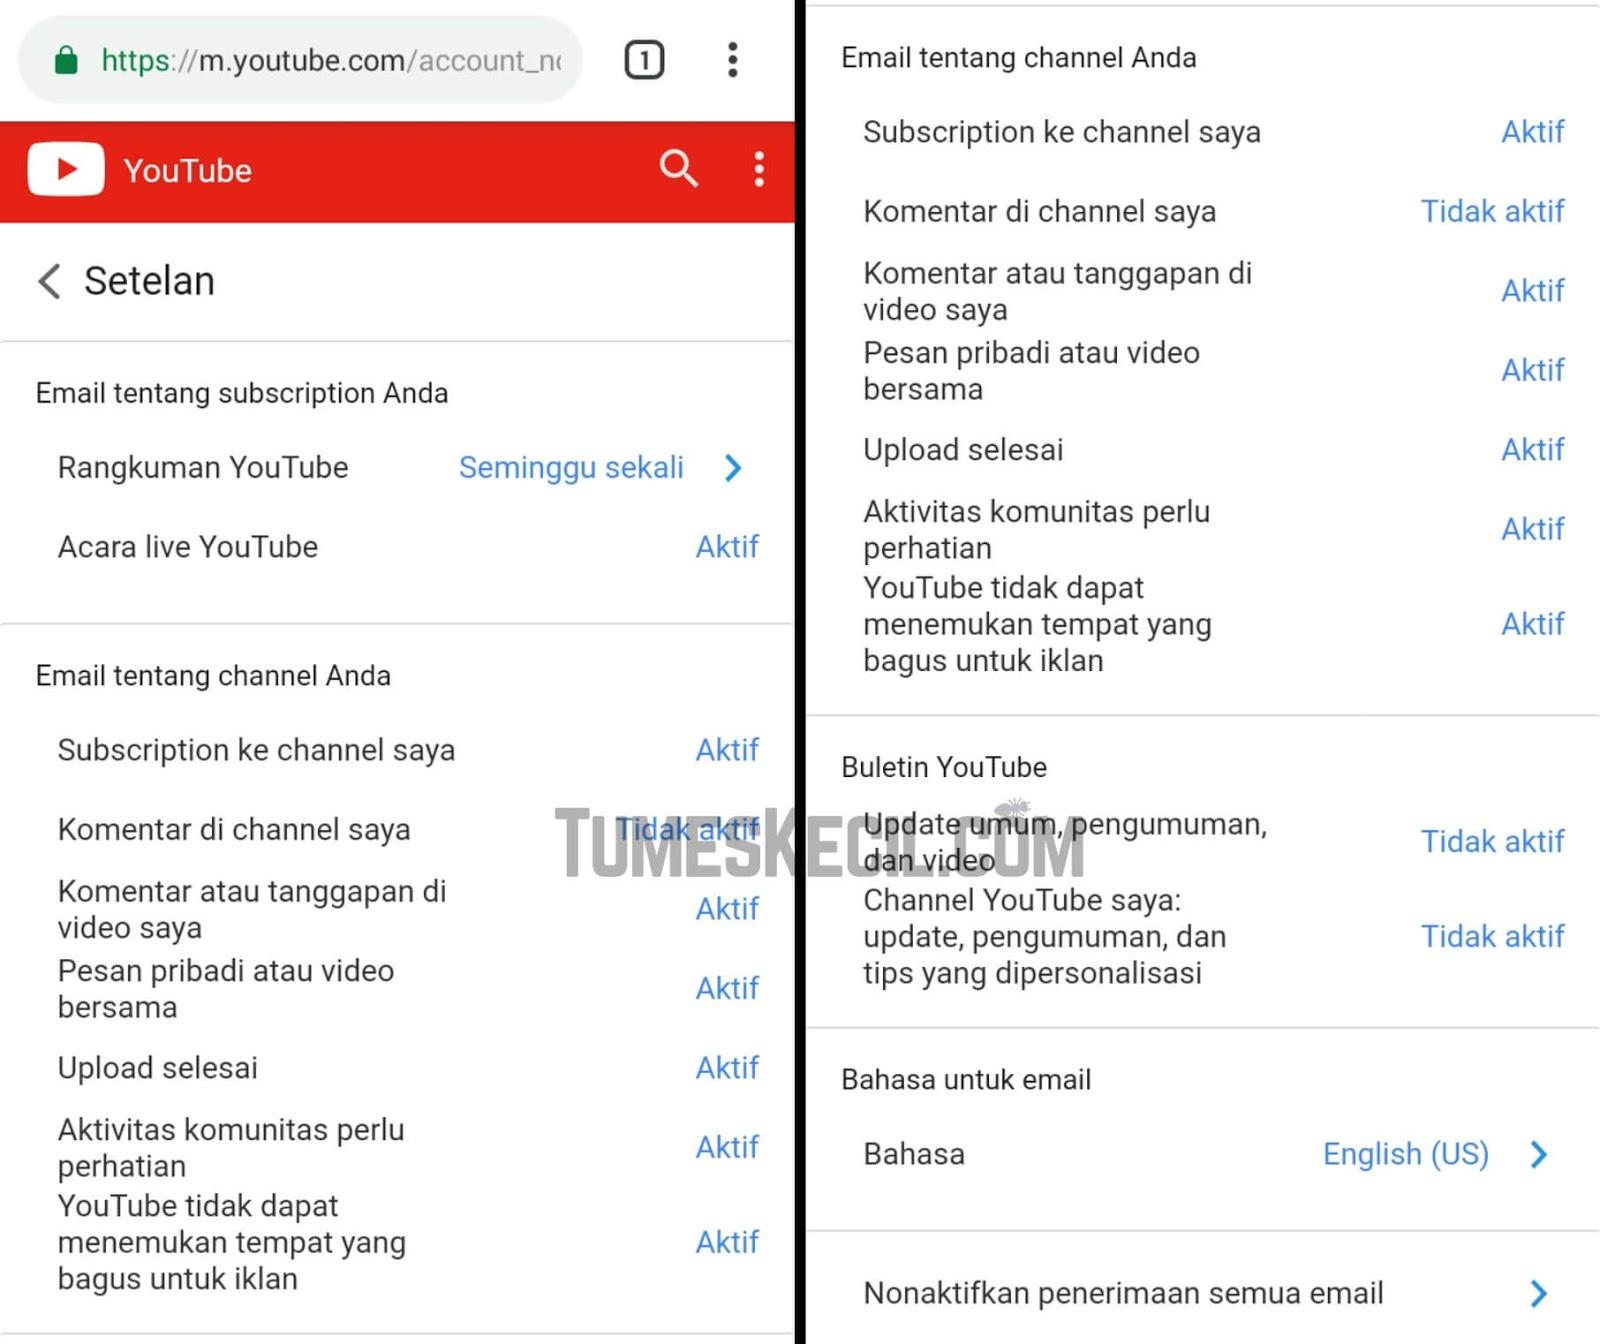 cara agar notif di youtube tidak muncul di email